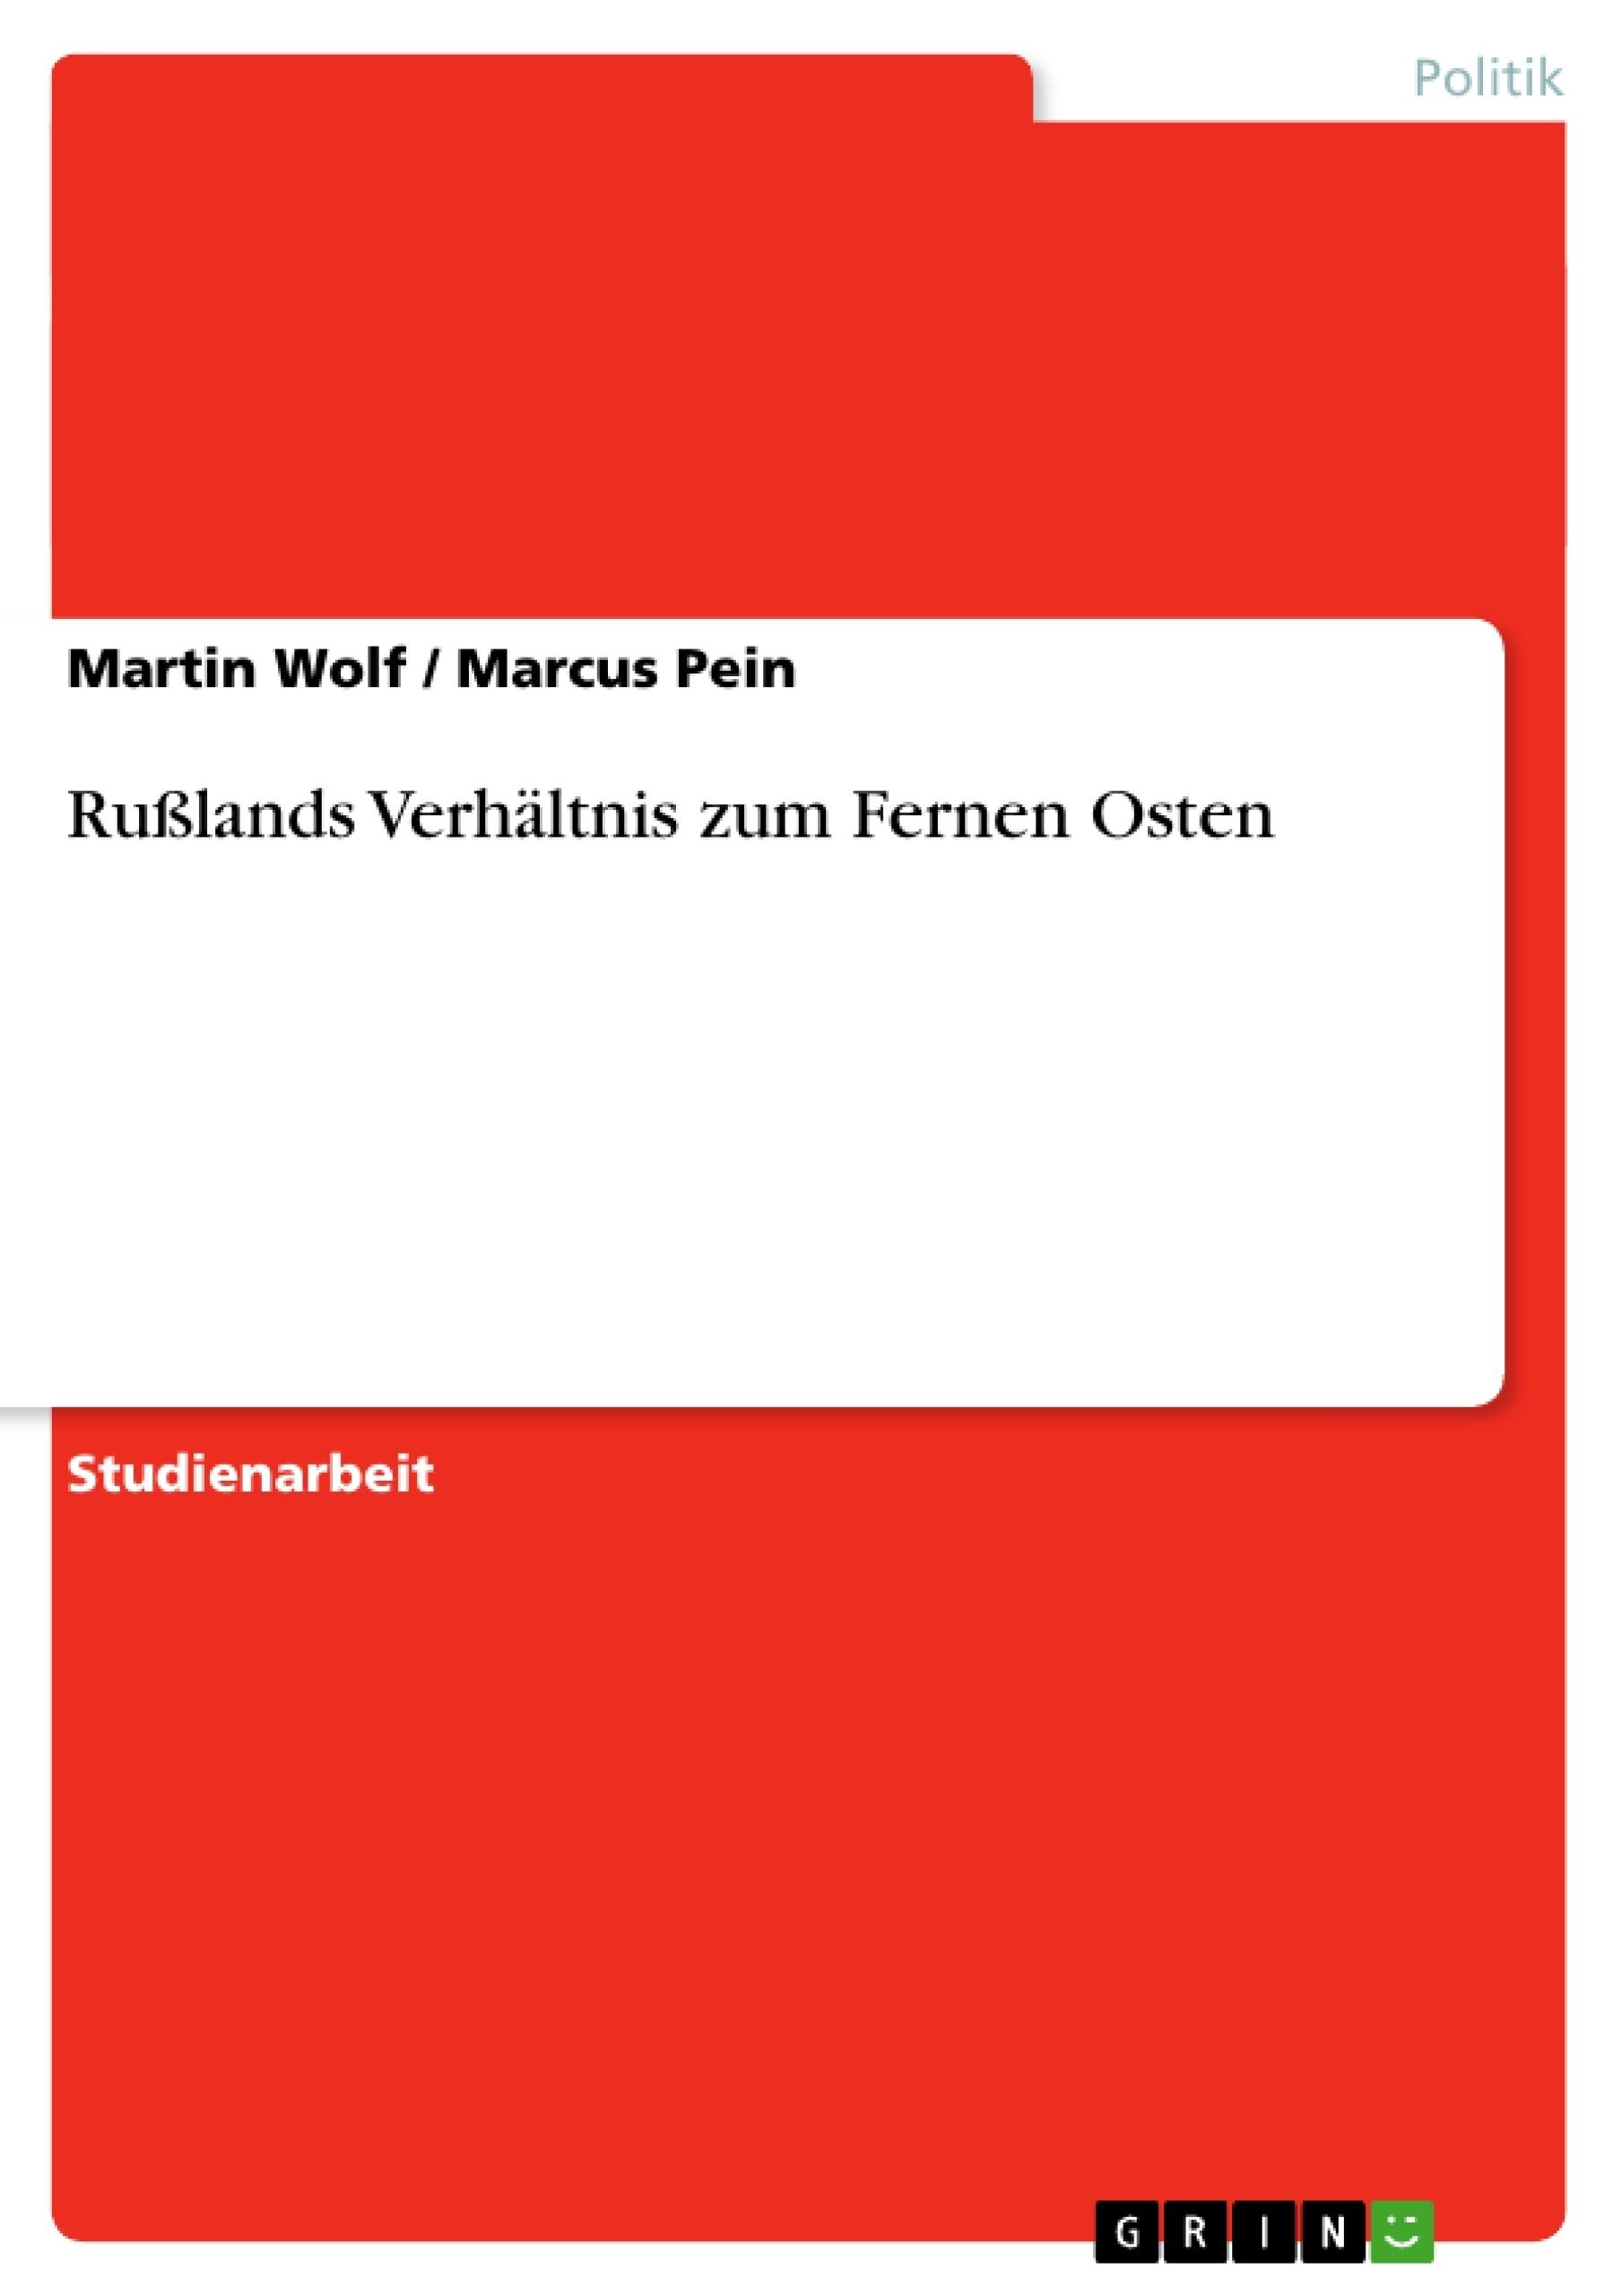 Titel: Rußlands Verhältnis zum Fernen Osten